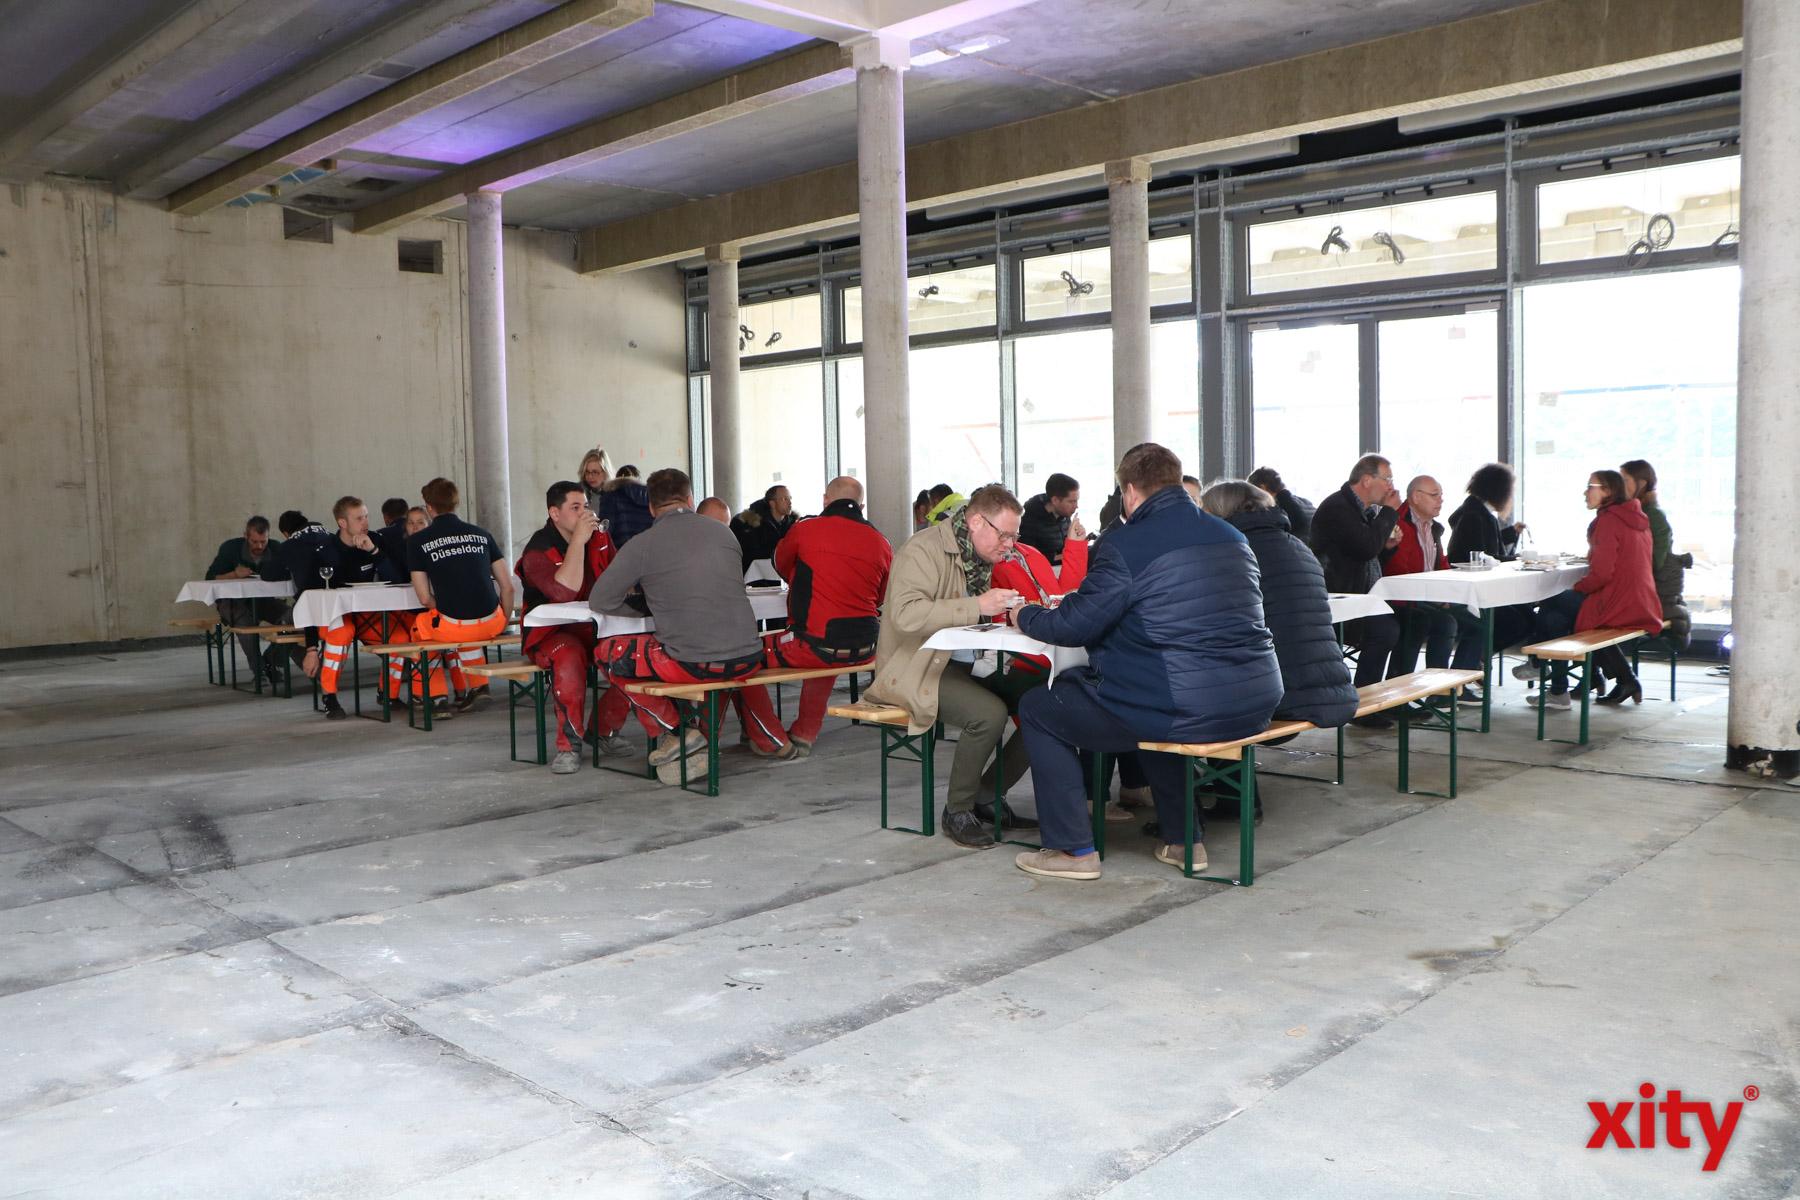 In der Mensa der Realschule wurde weiter gefeiert (Foto: xity)